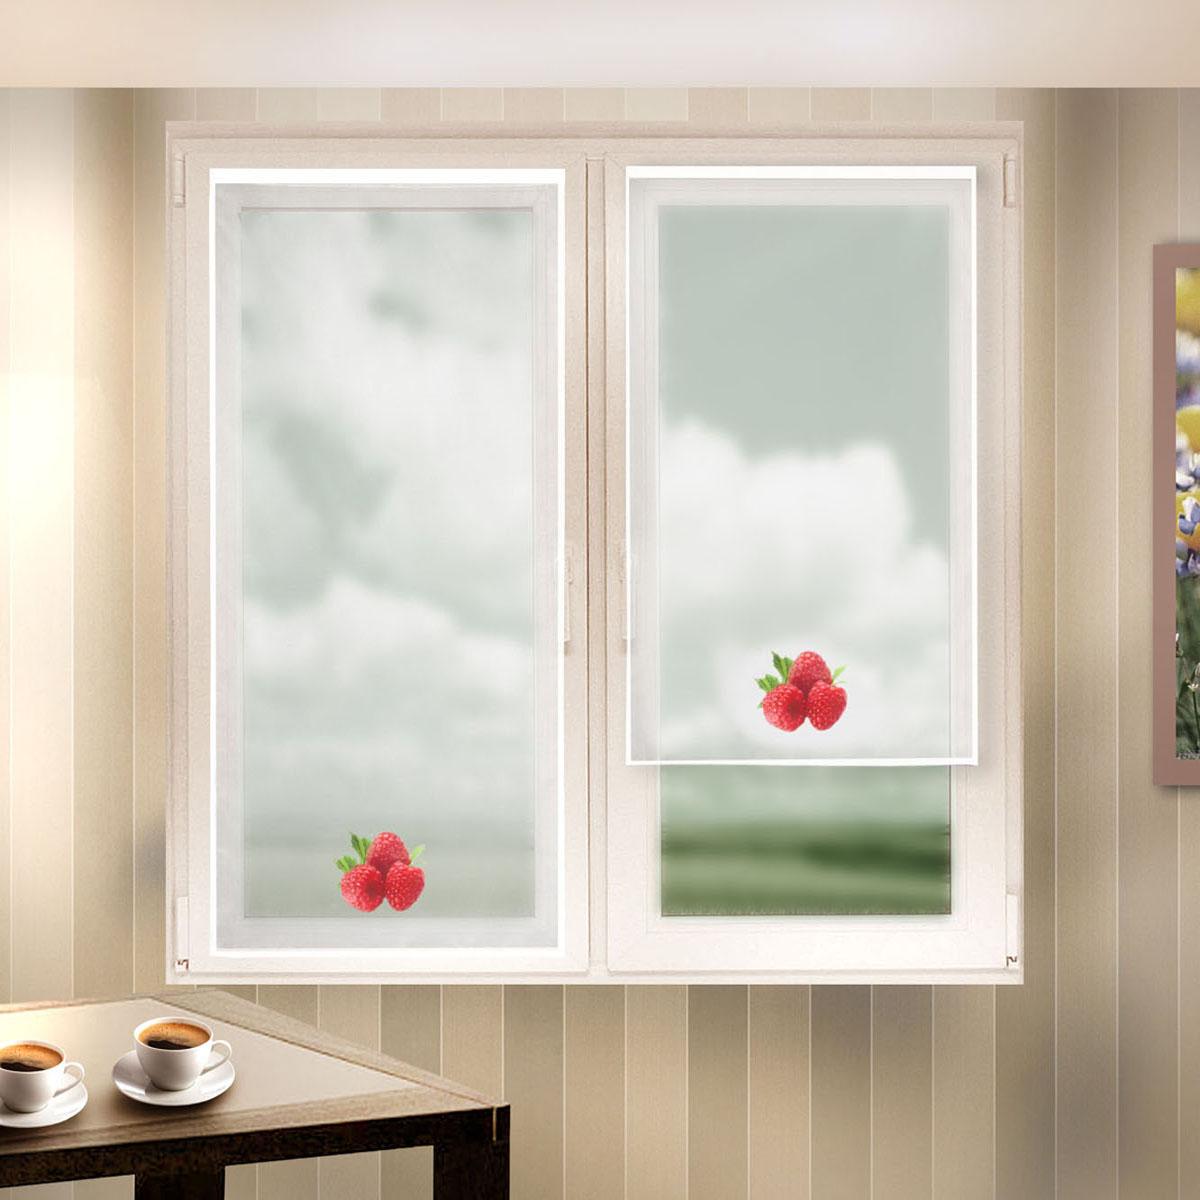 Гардина Zlata Korunka, на липкой ленте, цвет: белый, высота 90 см. 666042-2666042-2Гардина на липкой ленте Zlata Korunka, изготовленная из легкого полиэстера, станет великолепным украшением любого окна. Полотно из белой вуали с печатным рисунком привлечет к себе внимание и органично впишется в интерьер комнаты. Крепление на липкой ленте, не требующее сверления стен и карниза. Многоразовое и мгновенное крепление.